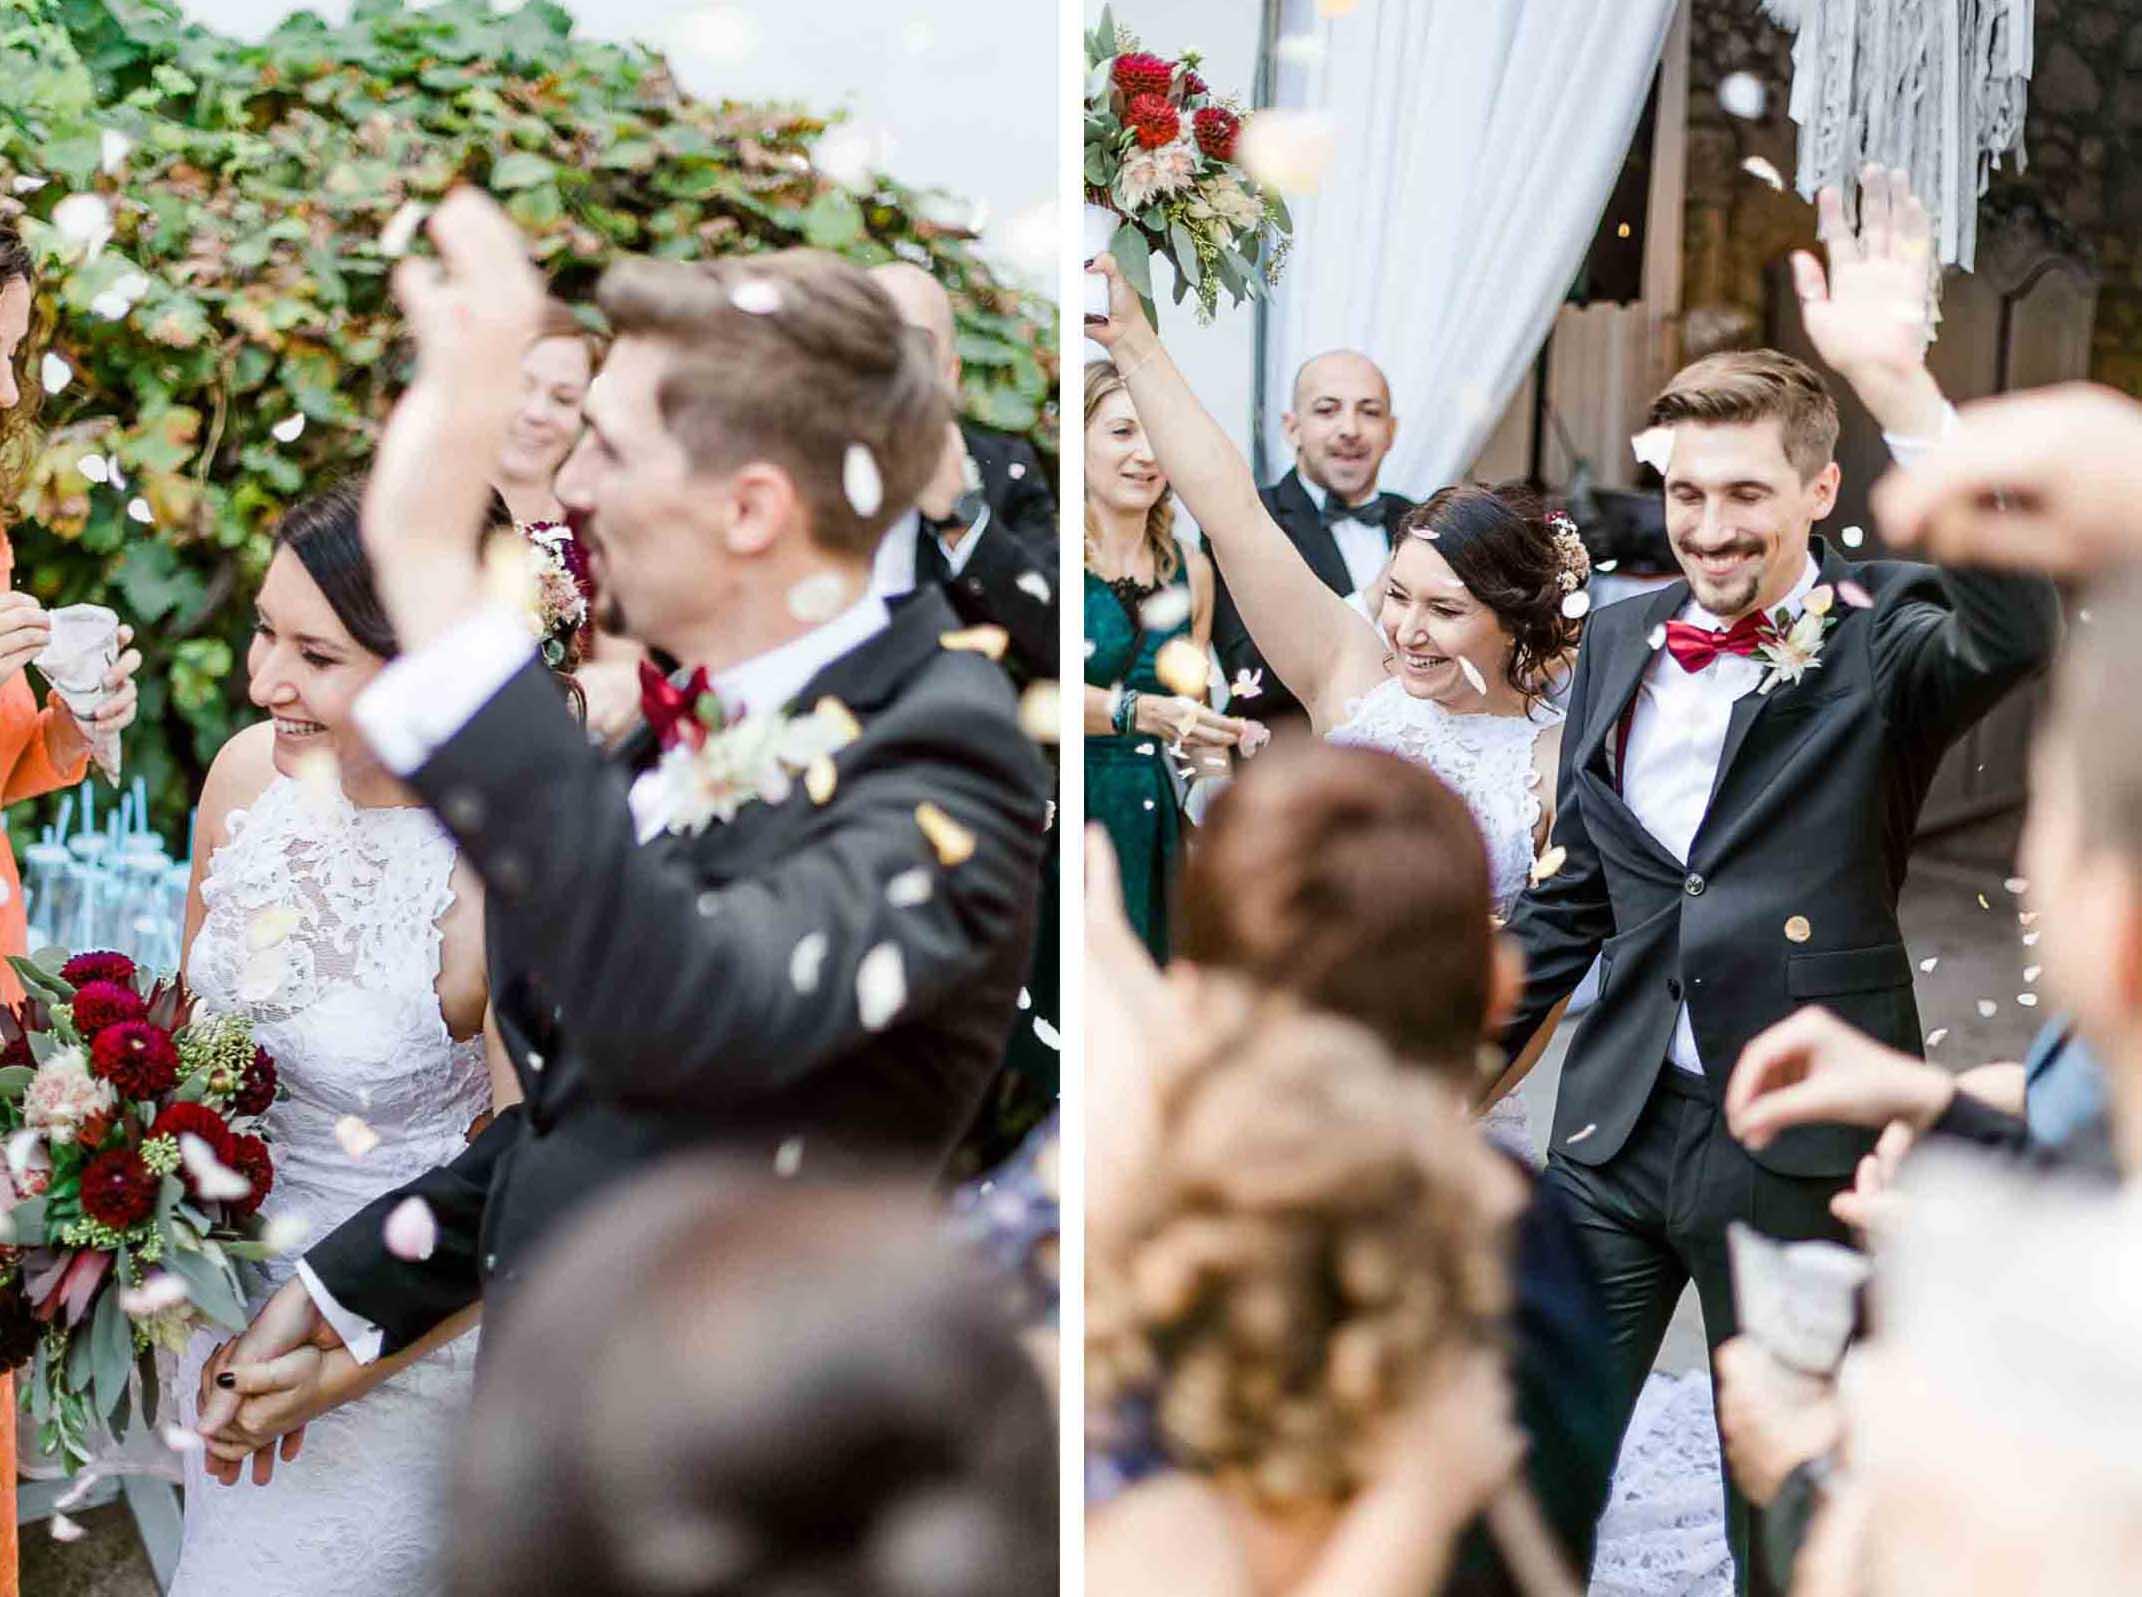 Himmelblau Rust Boho-Hochzeit Burgenland heiraten Boho Auszug Blütenblätter Hochzeitszeremonie